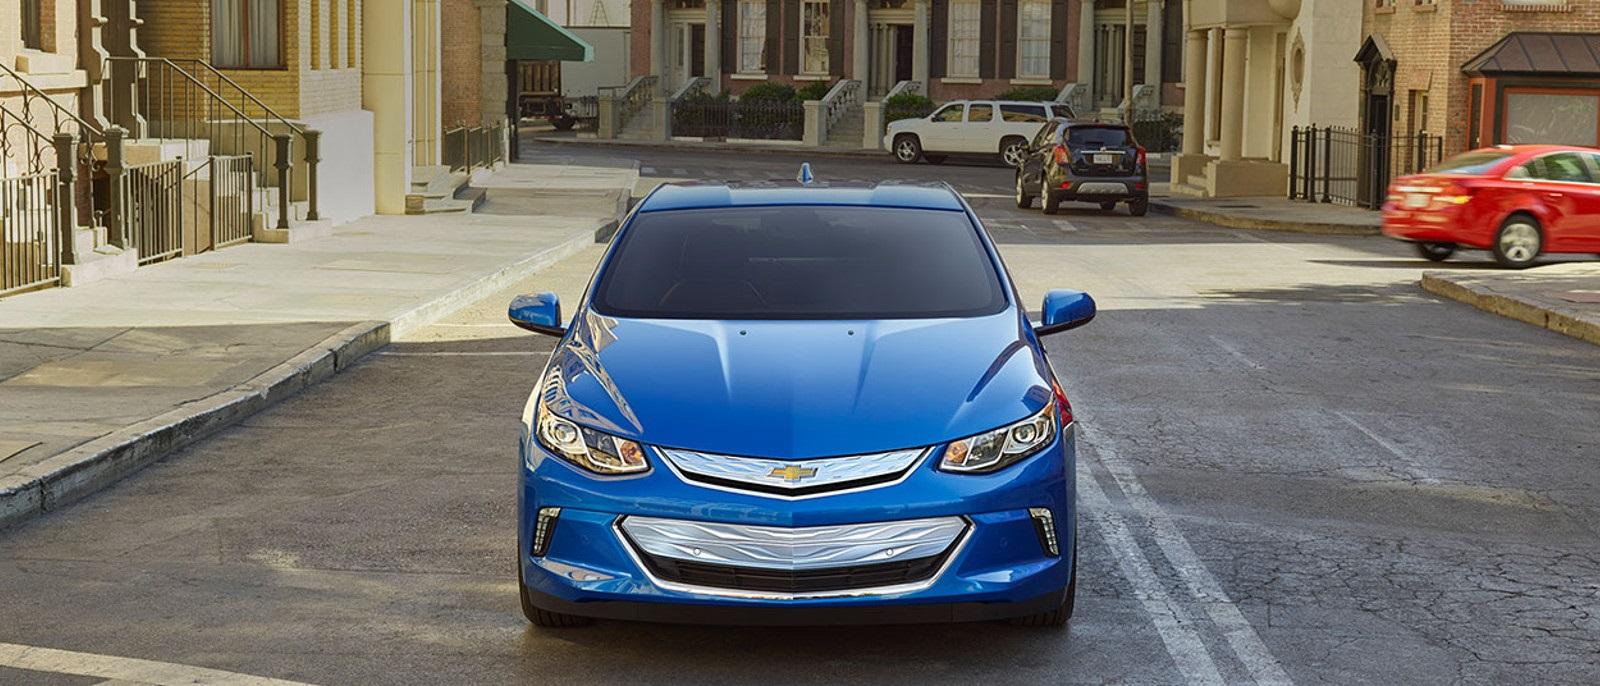 2016 Chevrolet Volt front view